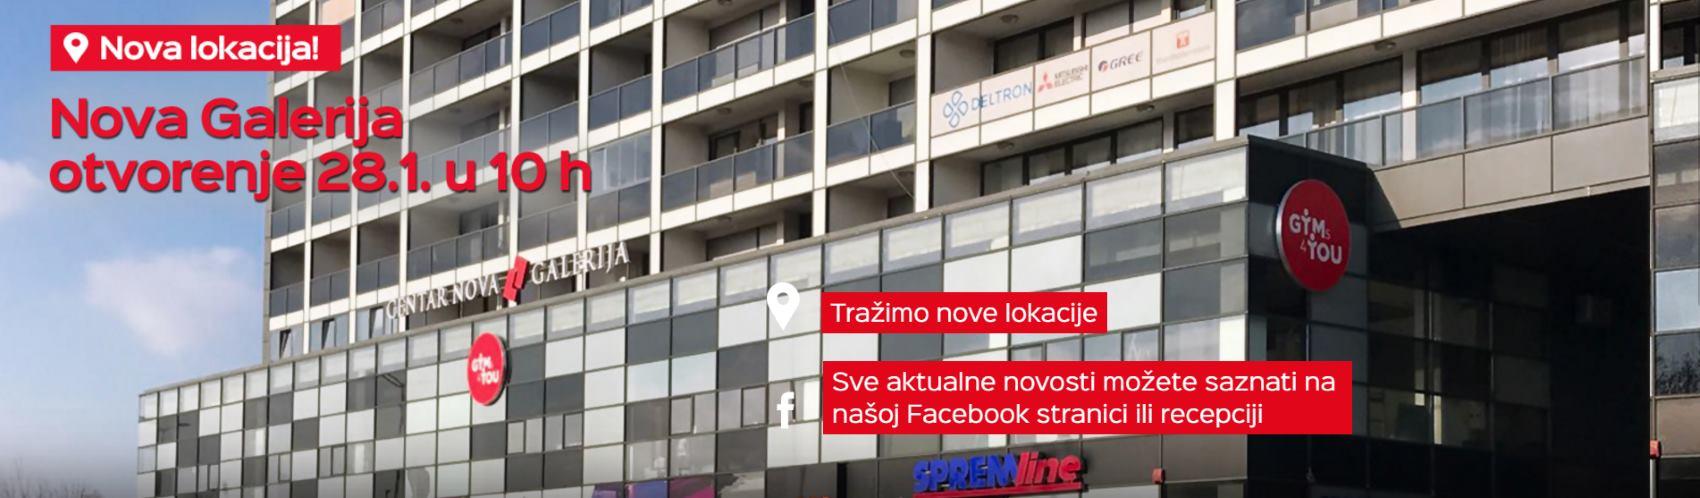 Otvorenje sedme Gyms4you teretane u Republici Hrvatskoj